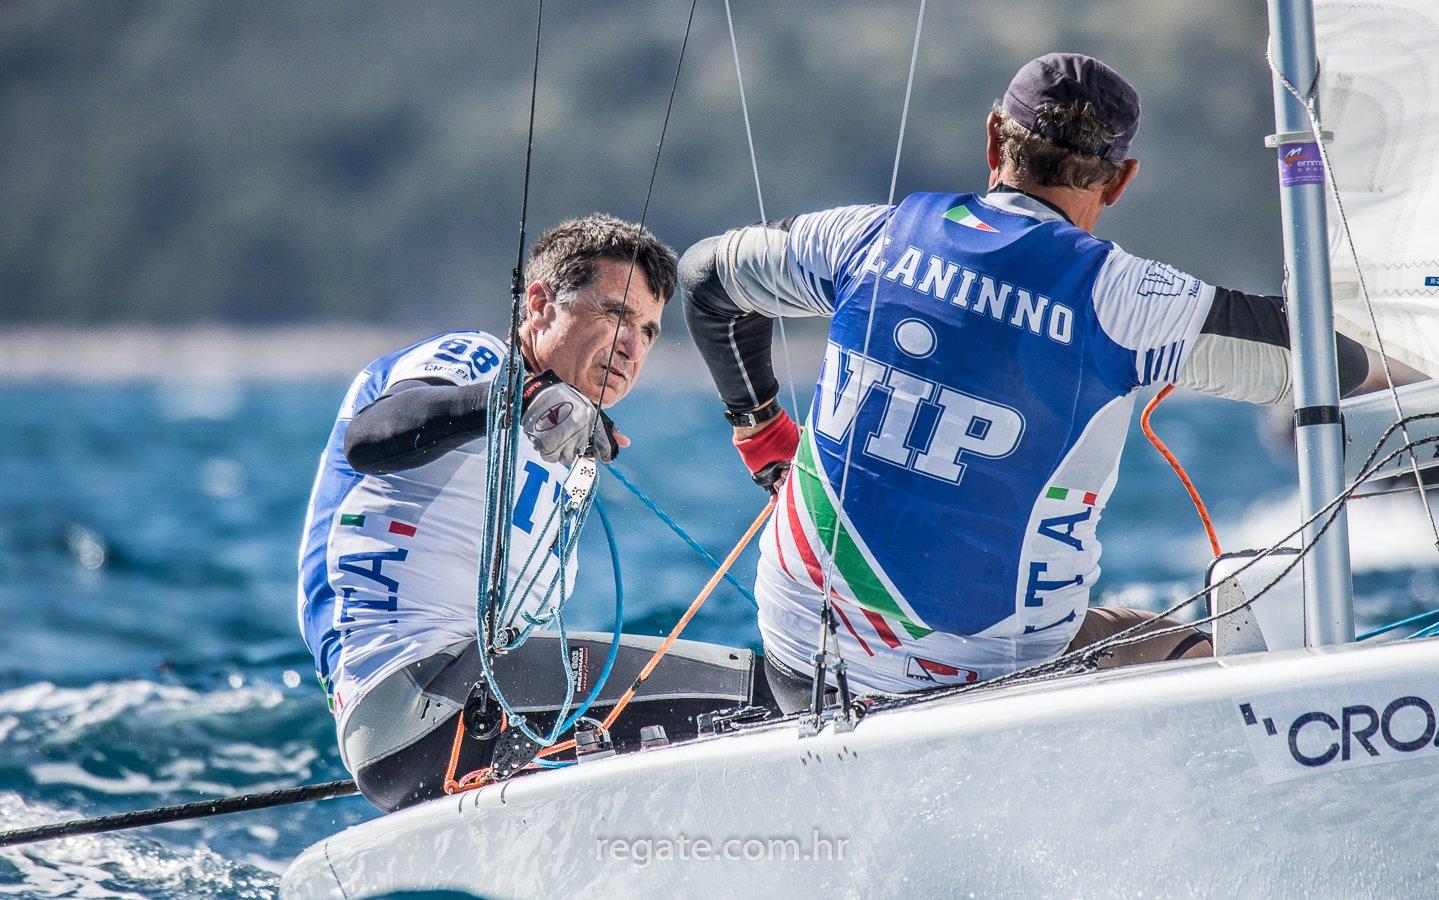 VAM Investments completa l'acquisizione degli asset di Slam S.p.A., storico marchio italiano di abbigliamento sportivo per la vela e il tempo libero.